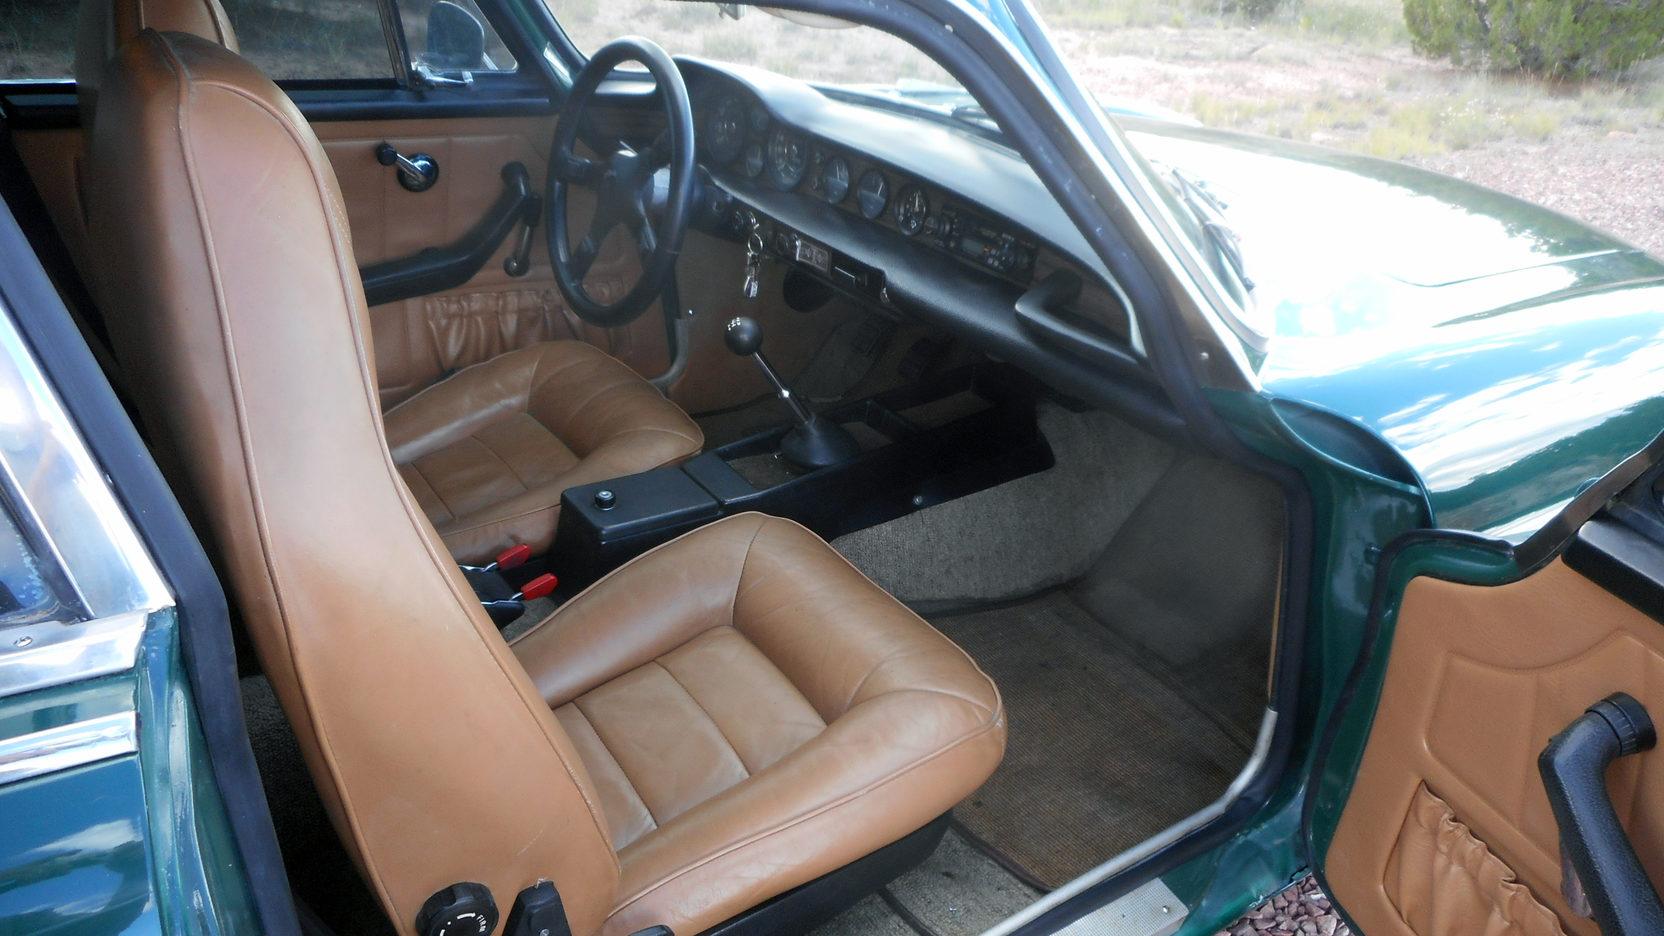 1972 Volvo 1800ES wagon interior